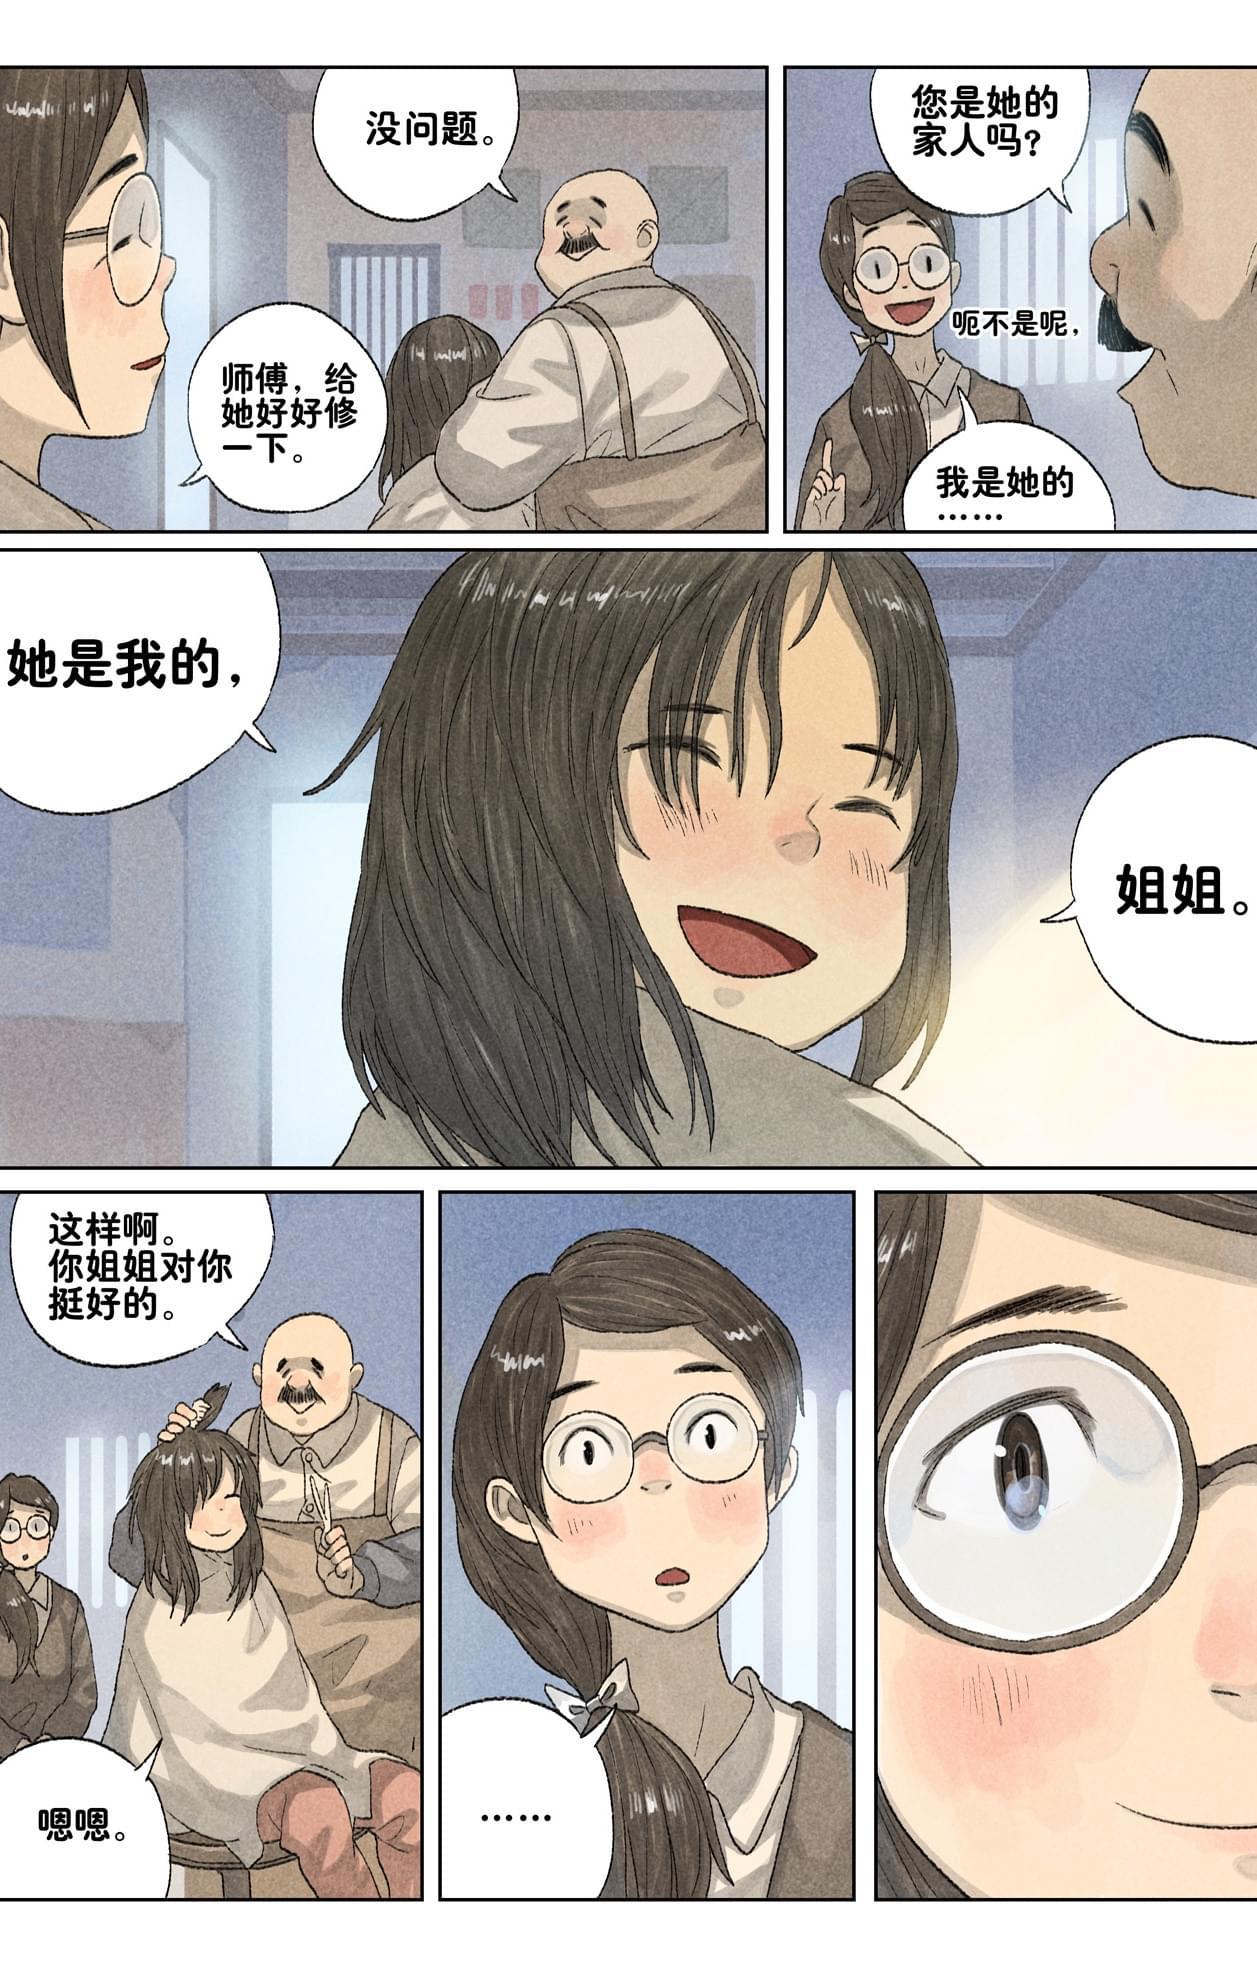 人间放映室丨毒可乐杀人事件 Vol.3